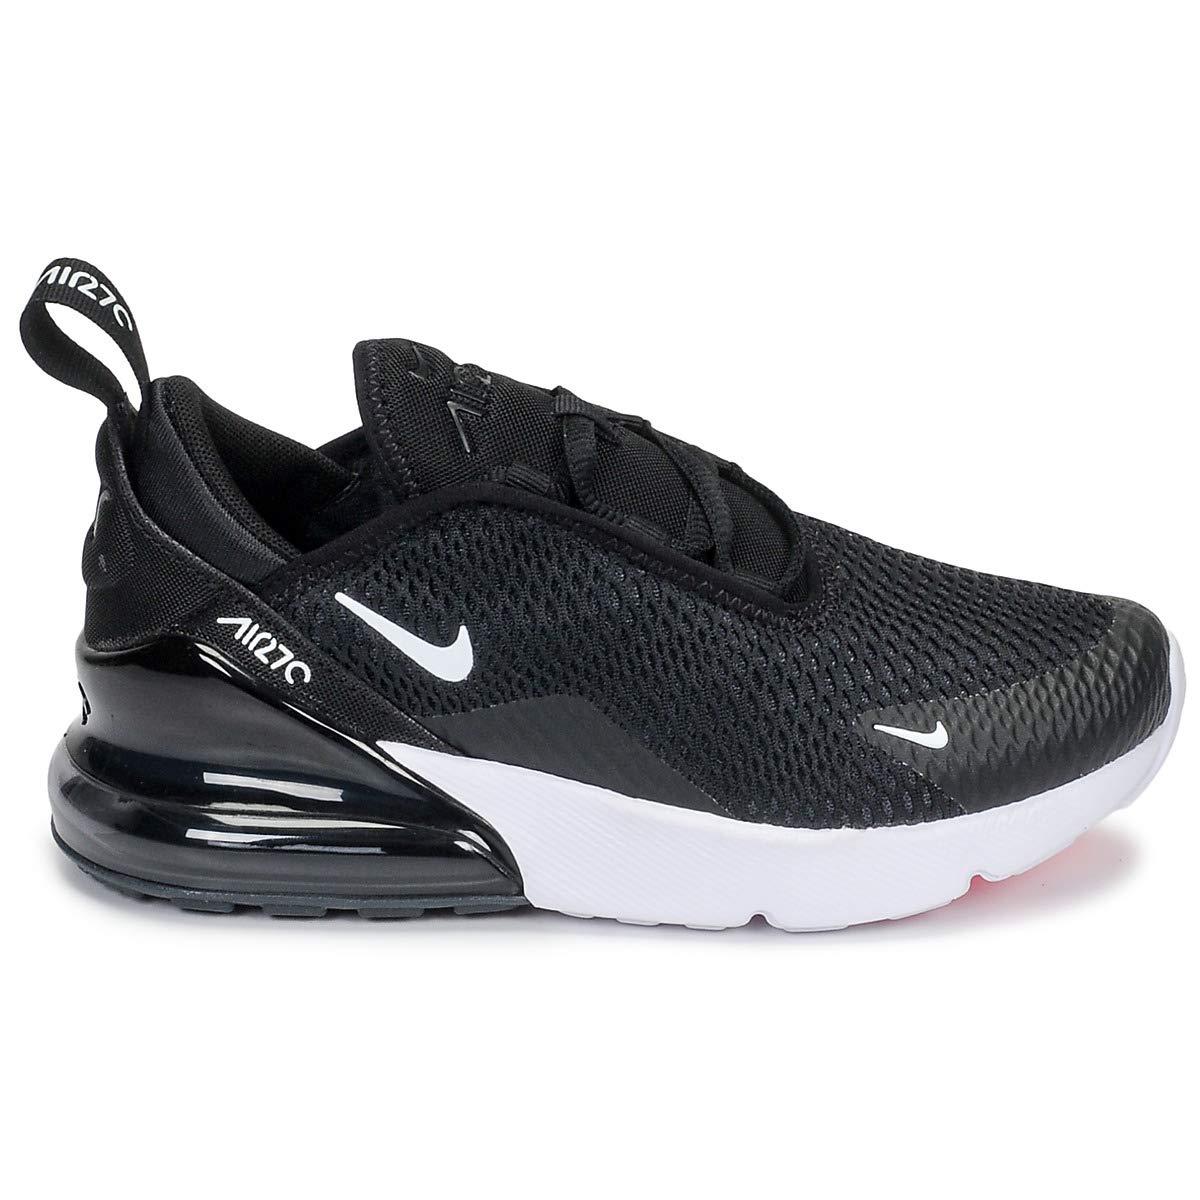   Nike Air Max 270 (ps) Little Kids Ao2372 001